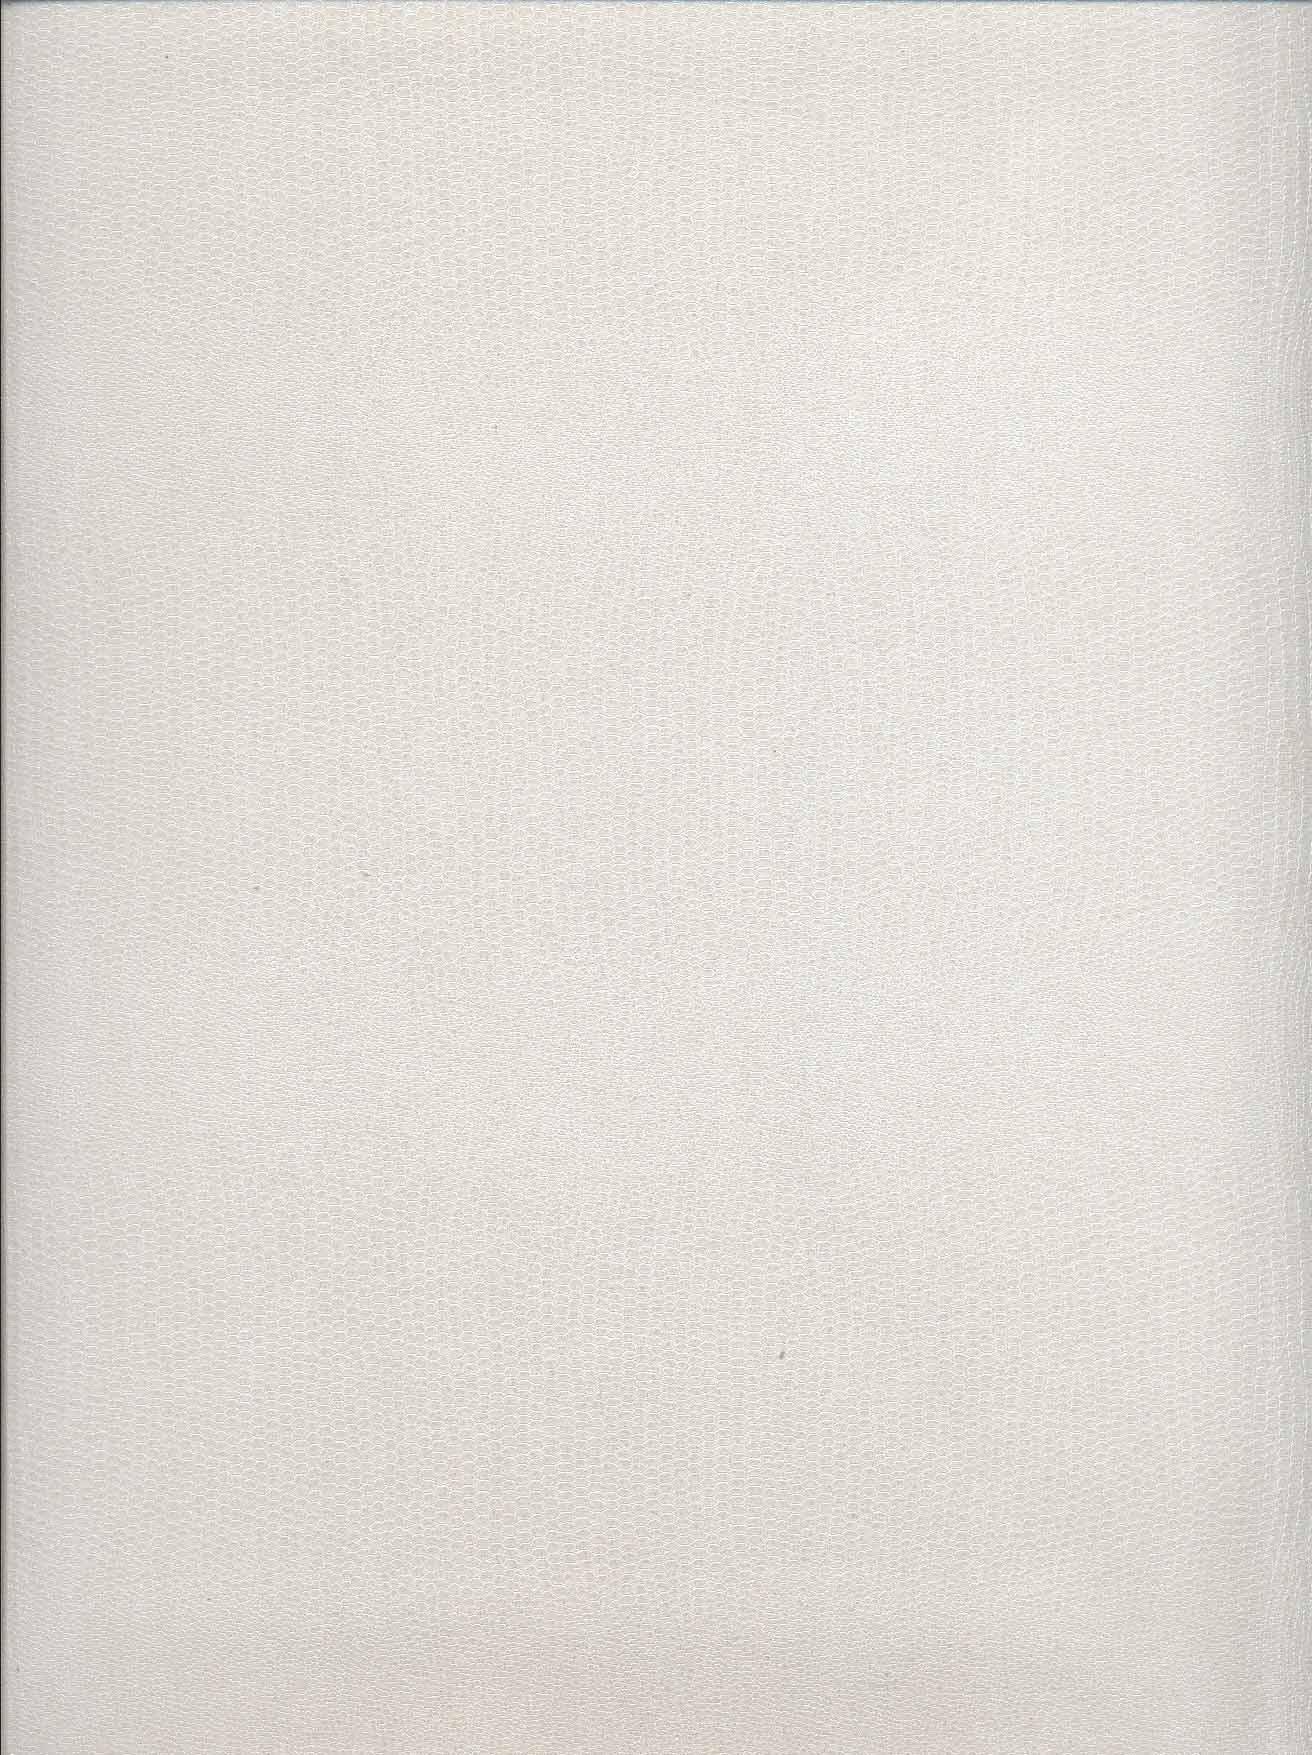 آلبوم بله برون پارمیدا مرواریدی (1008)،(گلاسه،باجعبه)